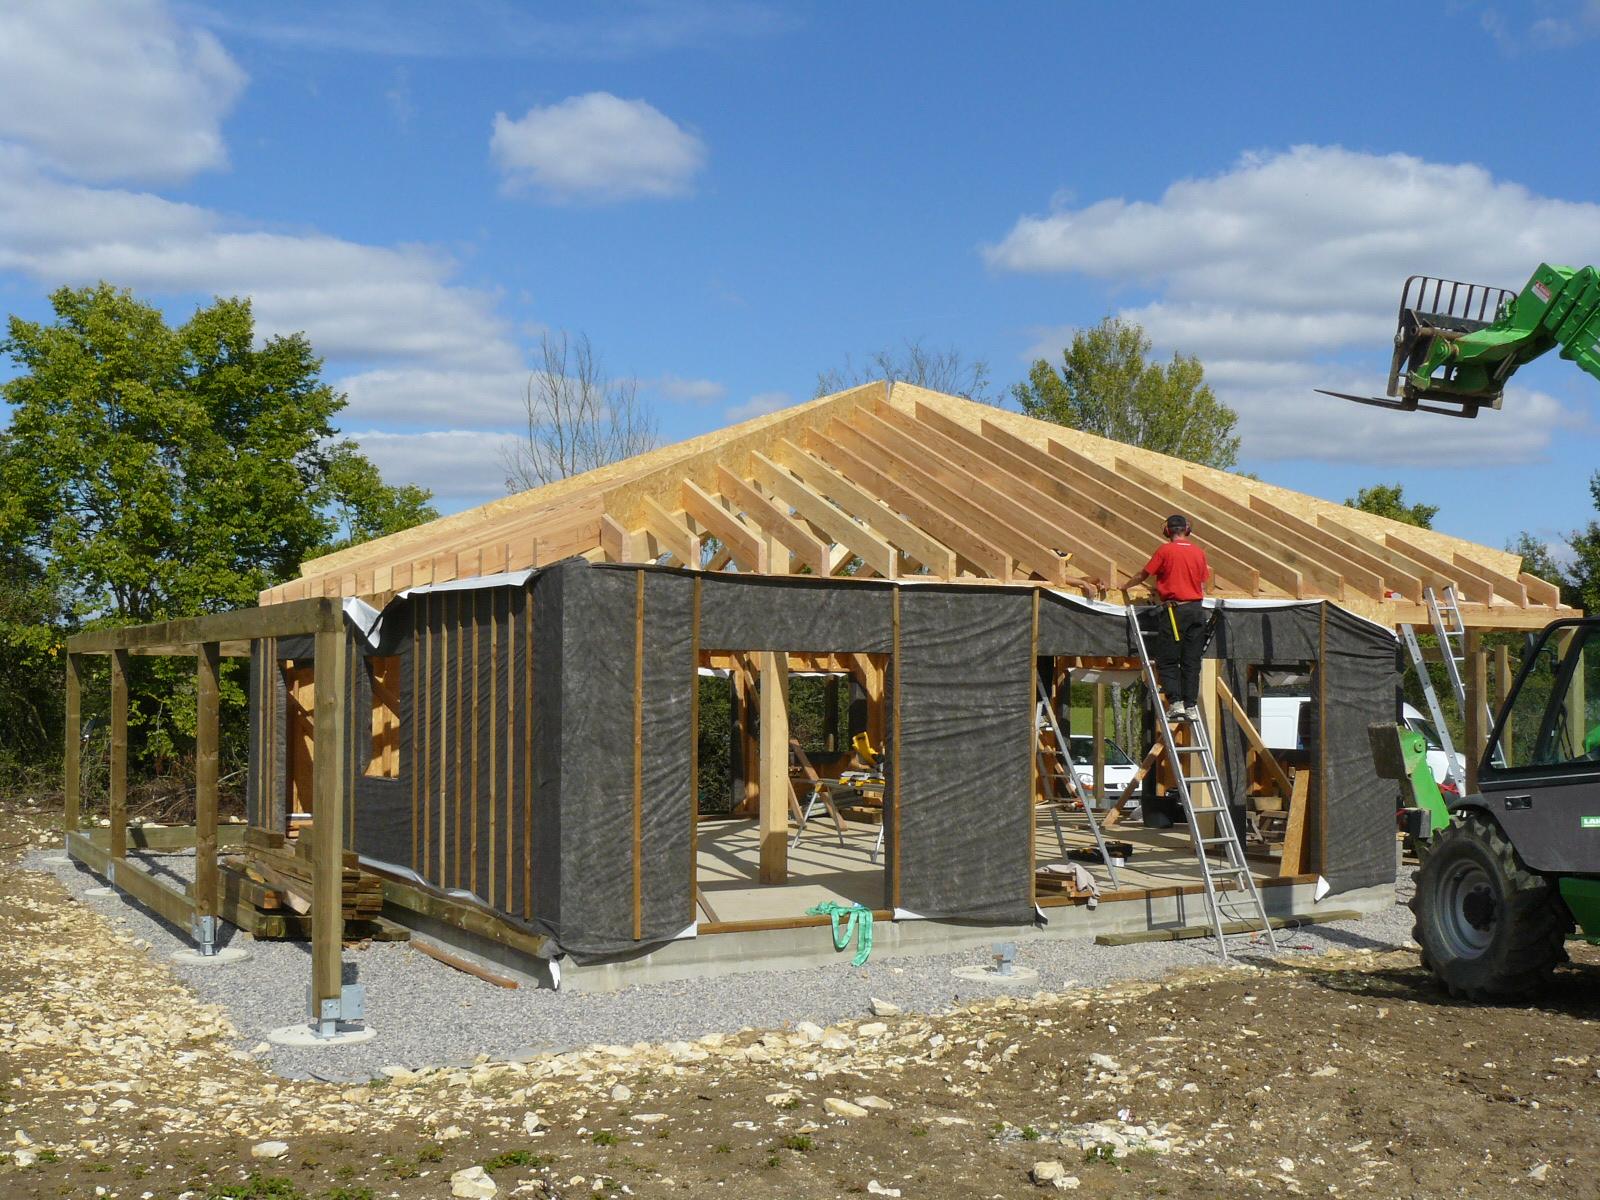 Fazele constructive ale unei case din lemn la cheie NATURAL LIVING - Poza 44